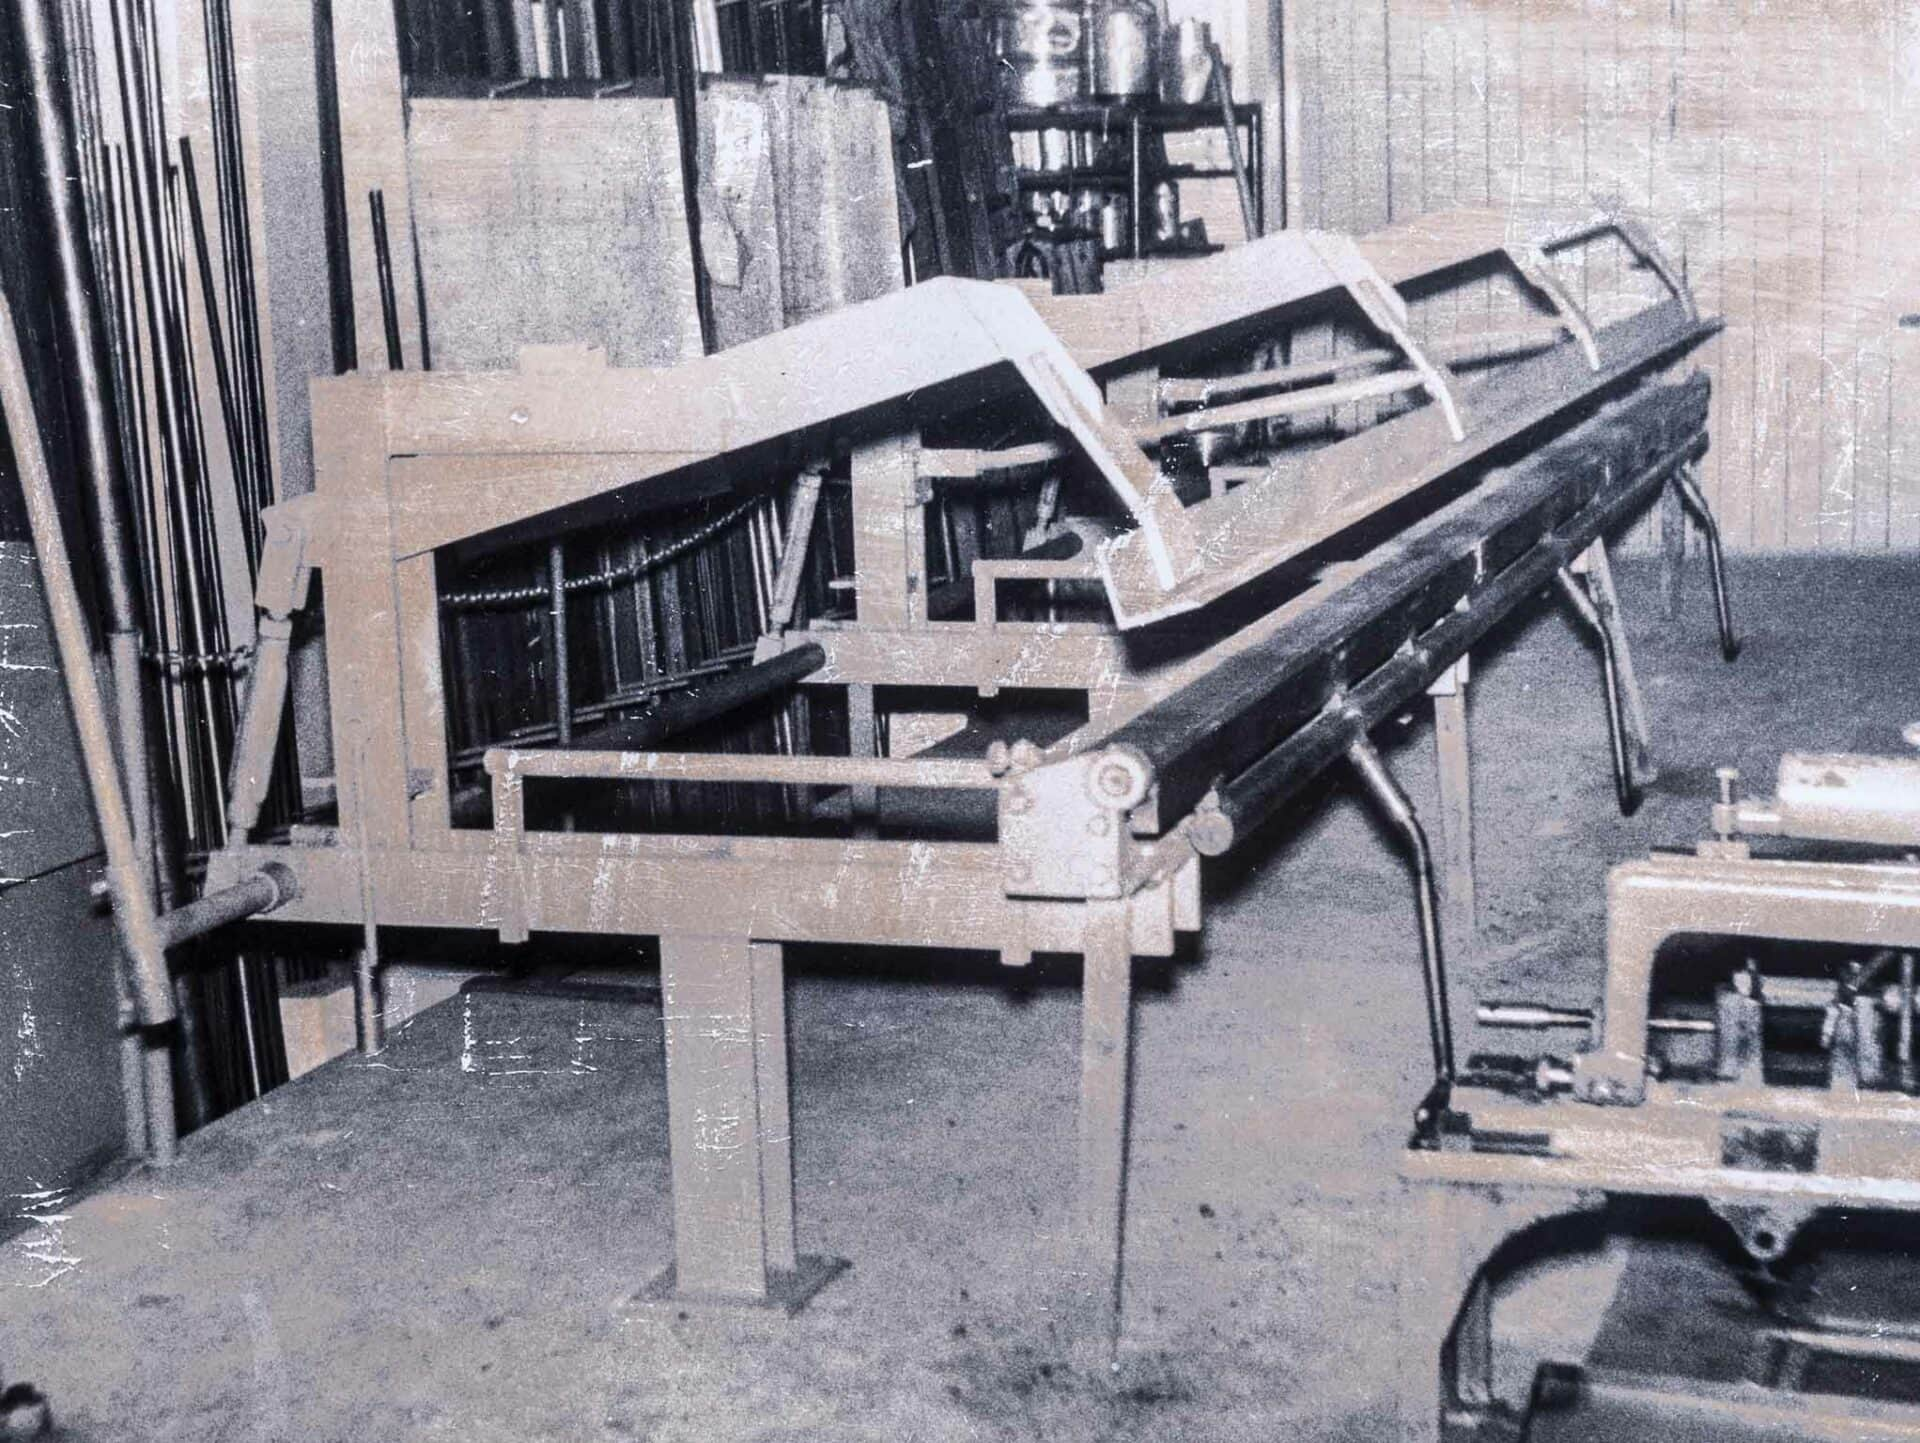 1960:Am 25. August 1960 wurde die erste THALMANN-Langabkantmaschine (Biegeleistung 1,0 mm Eisenblech) ausgeliefert.